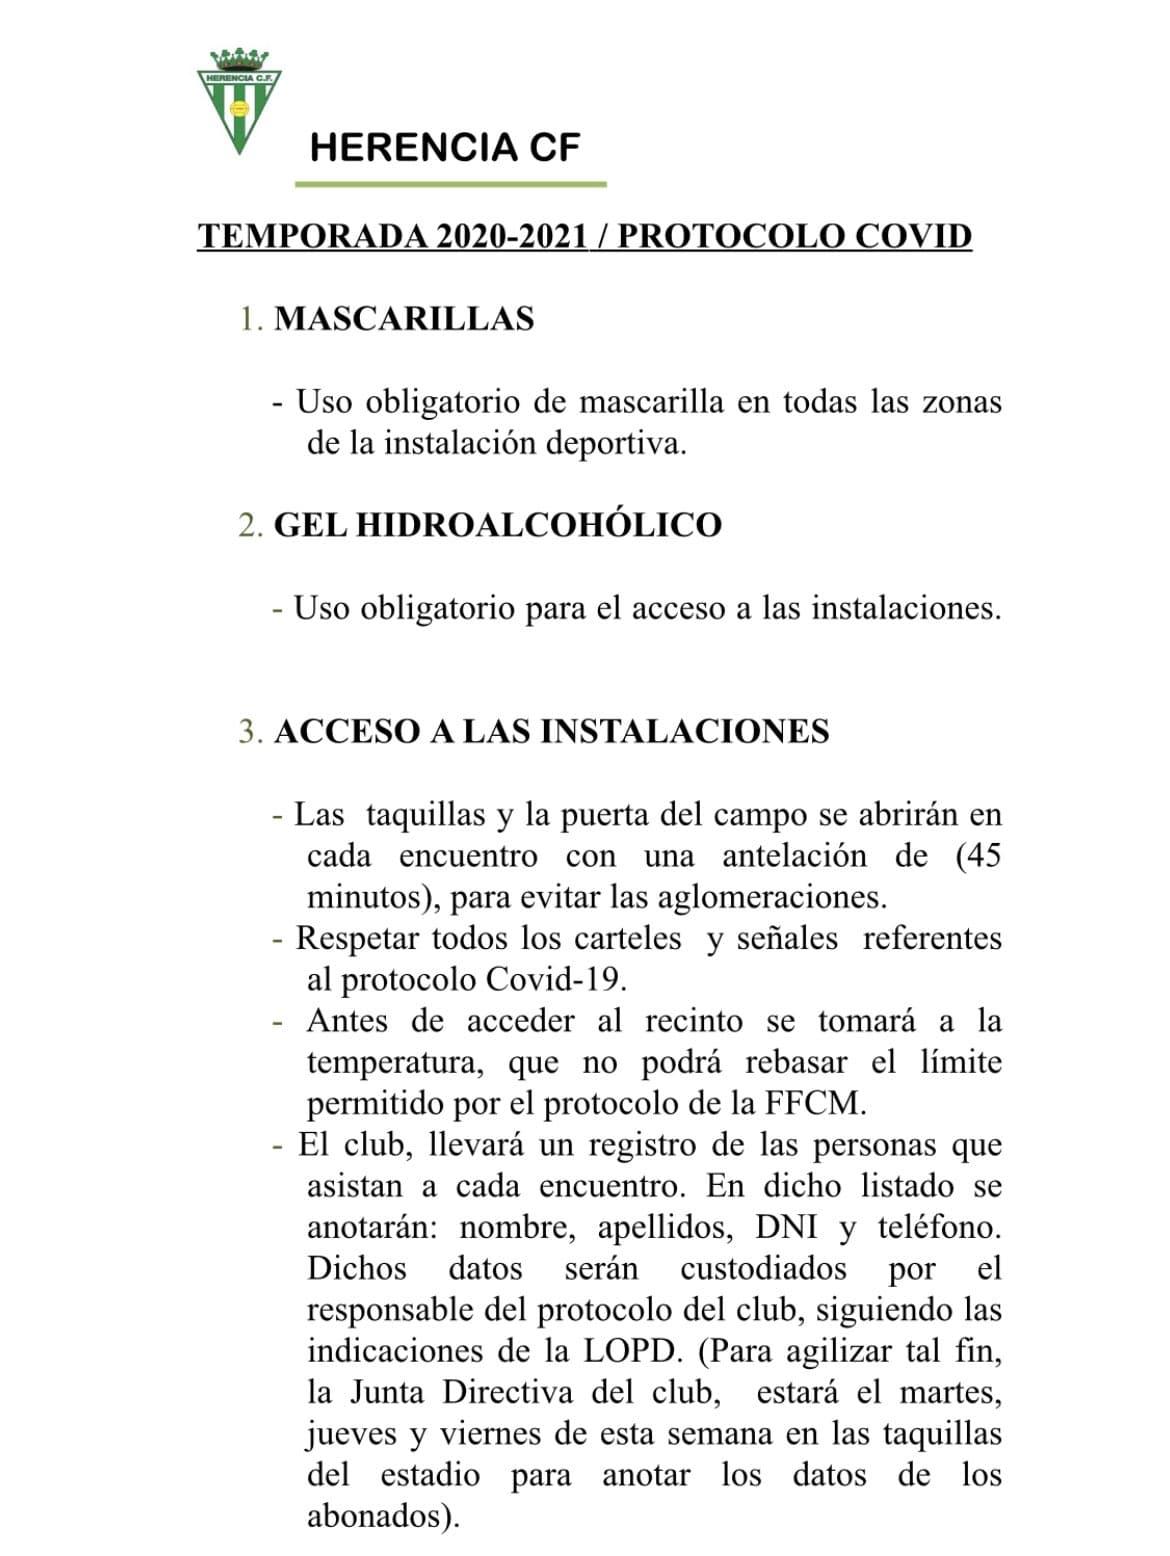 Vuelve el fútbol al Fernández de la Puebla en Herencia este fin de semana 7